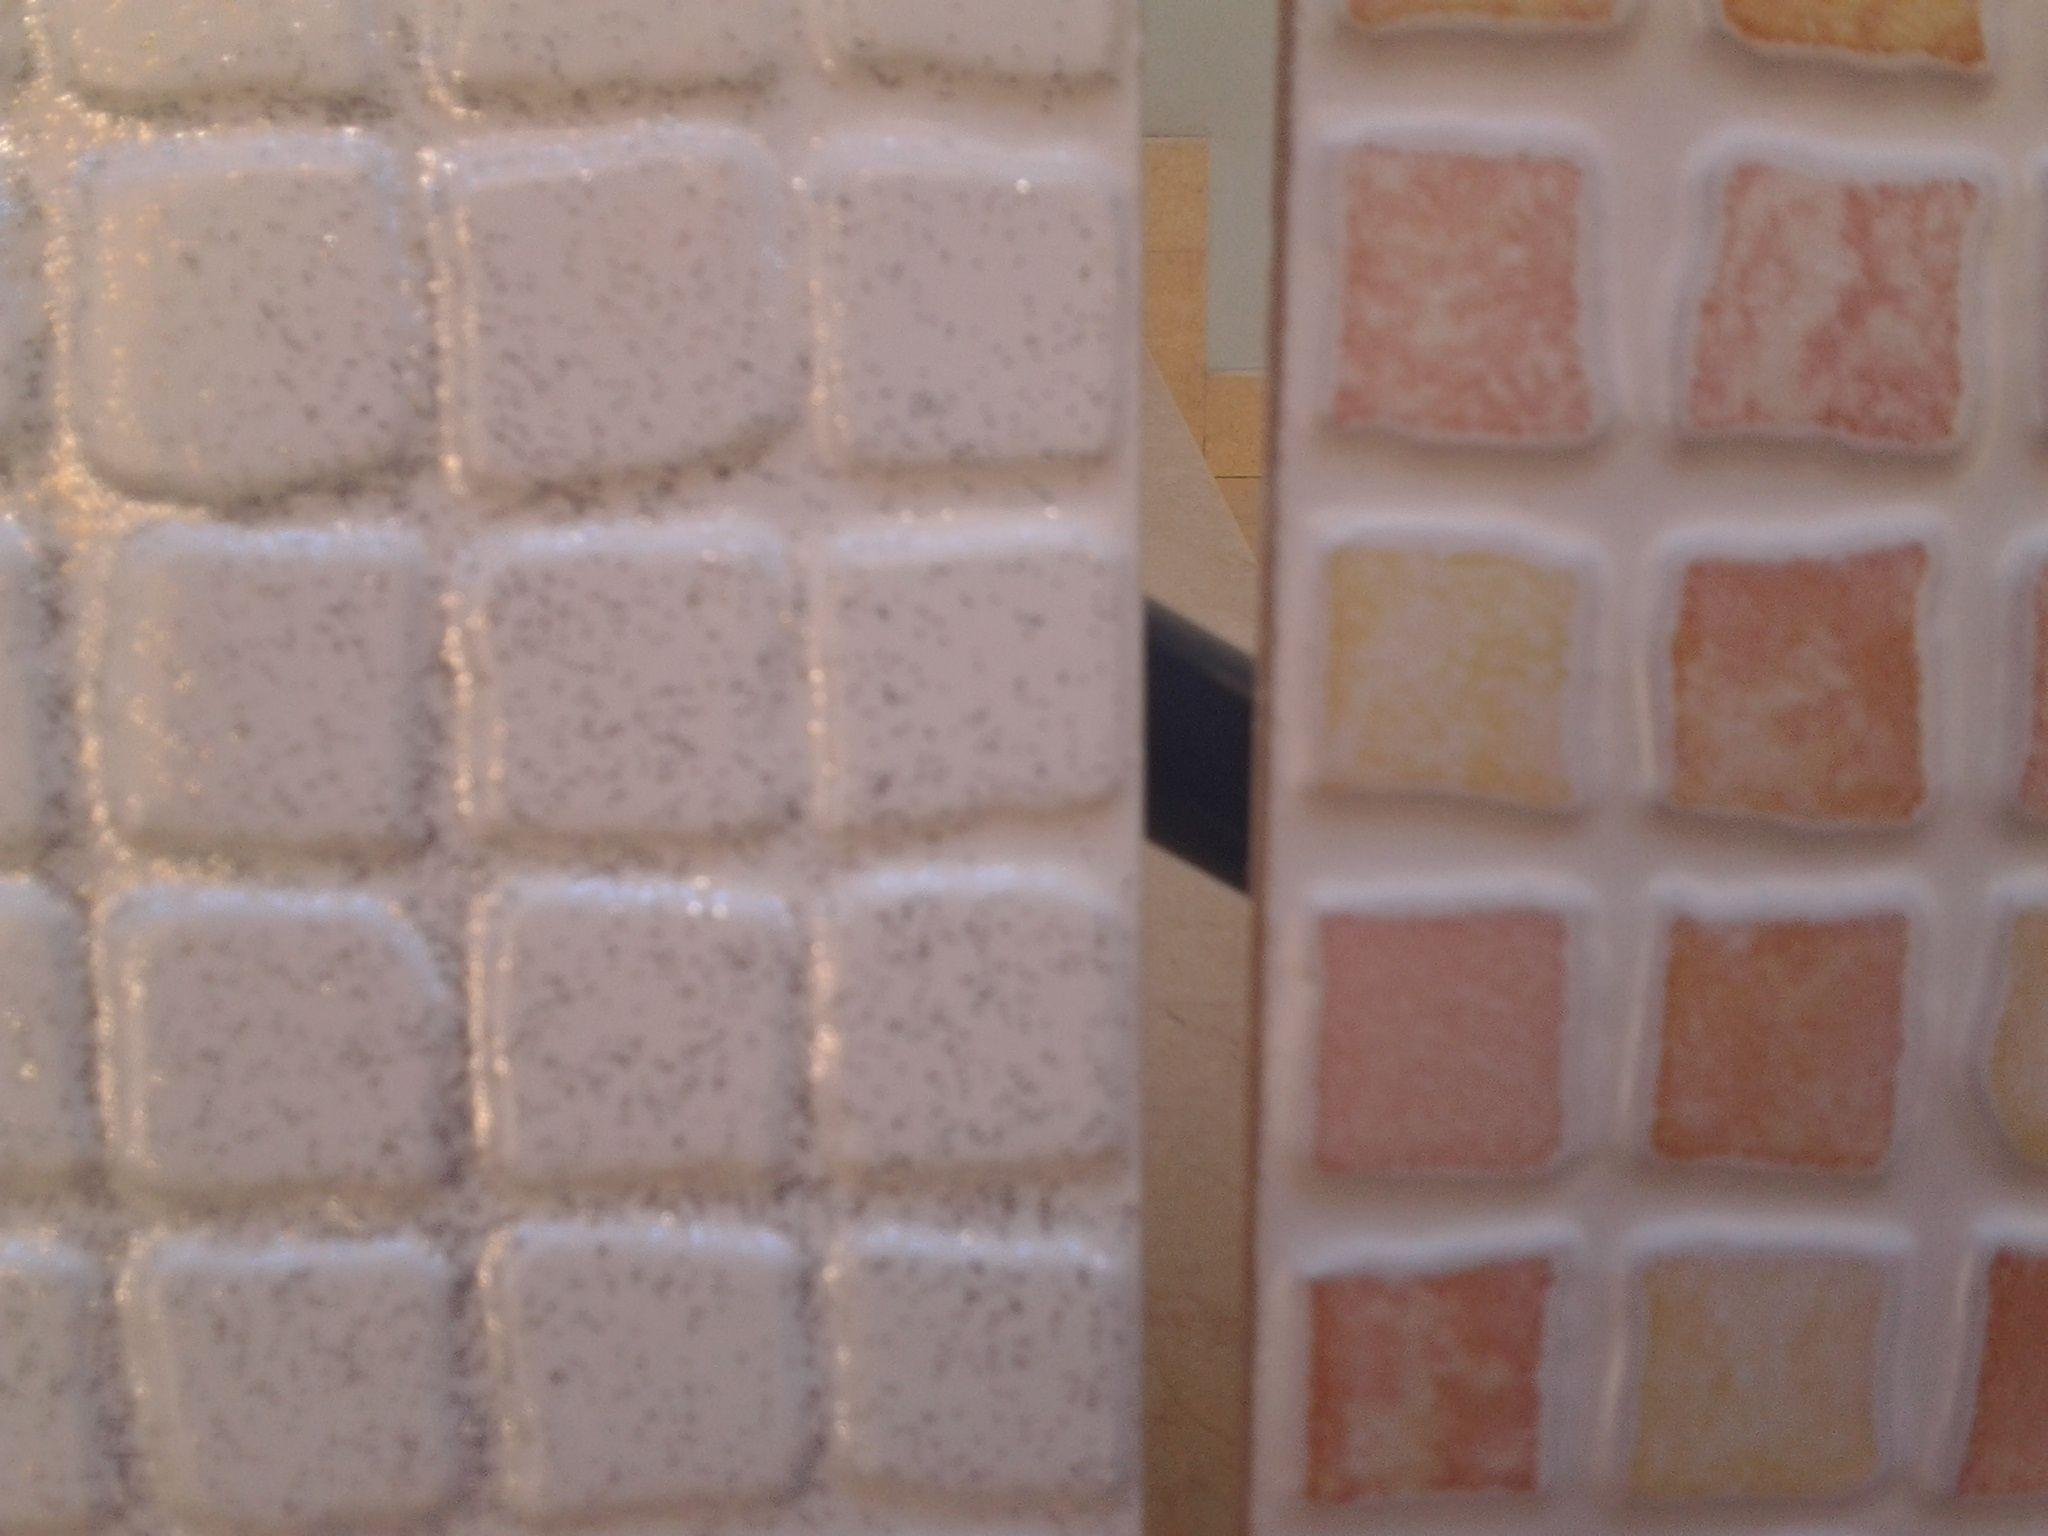 Colorare Pavimento In Cotto pittura epossidica x dipingere piastrelle , lavandini